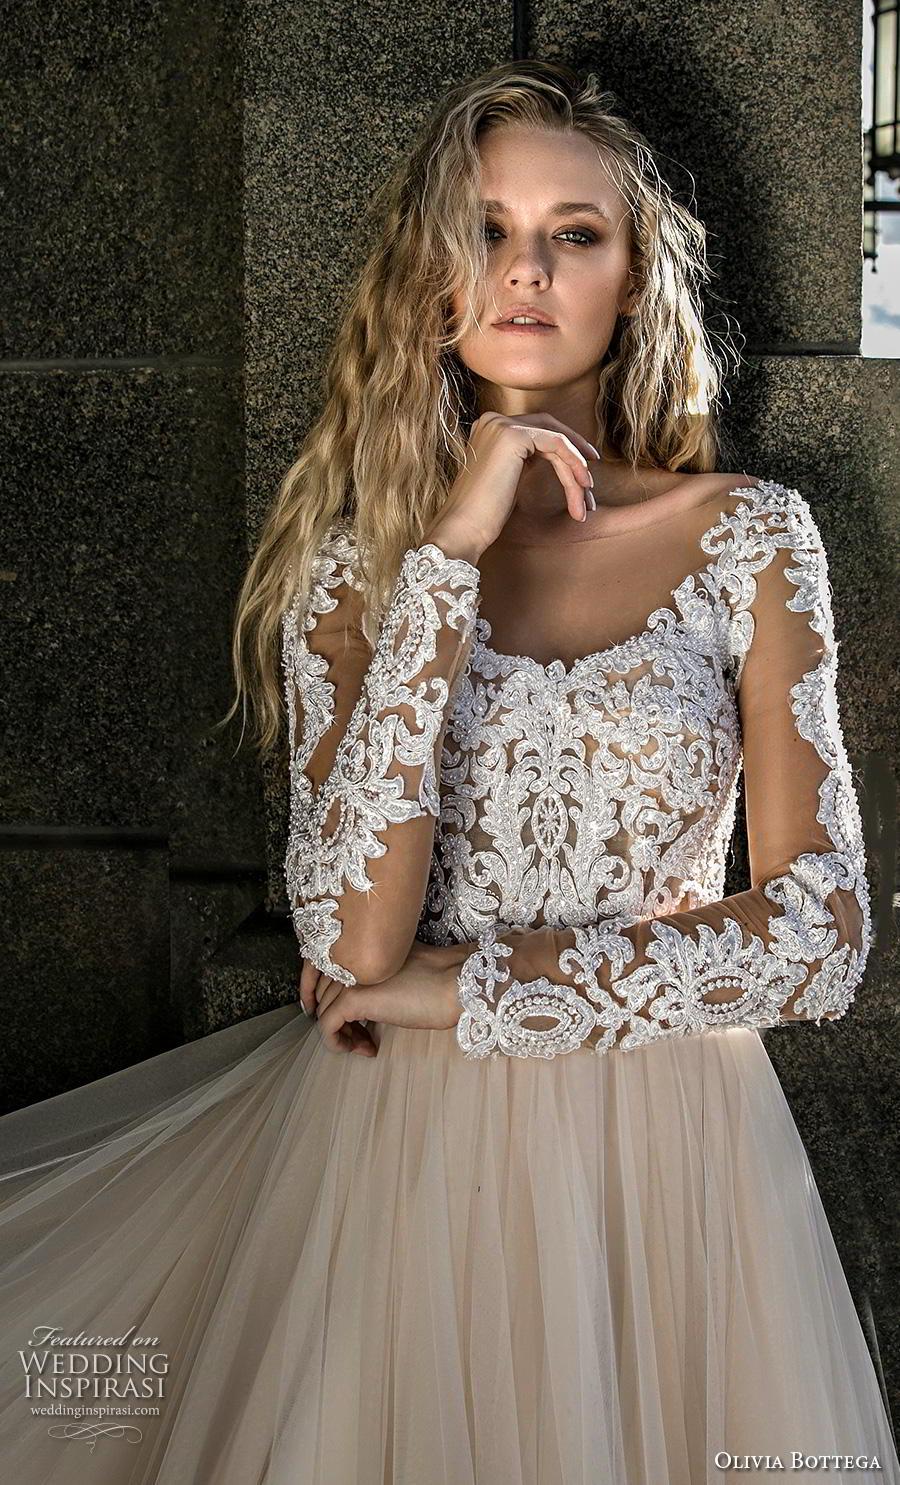 olivia bottega 2019 bridal long sleeves illusion bateau scoop neckline heavily embellished bodice hem tulle skirt glamorous ivory a  line wedding dress chapel train (15) zv